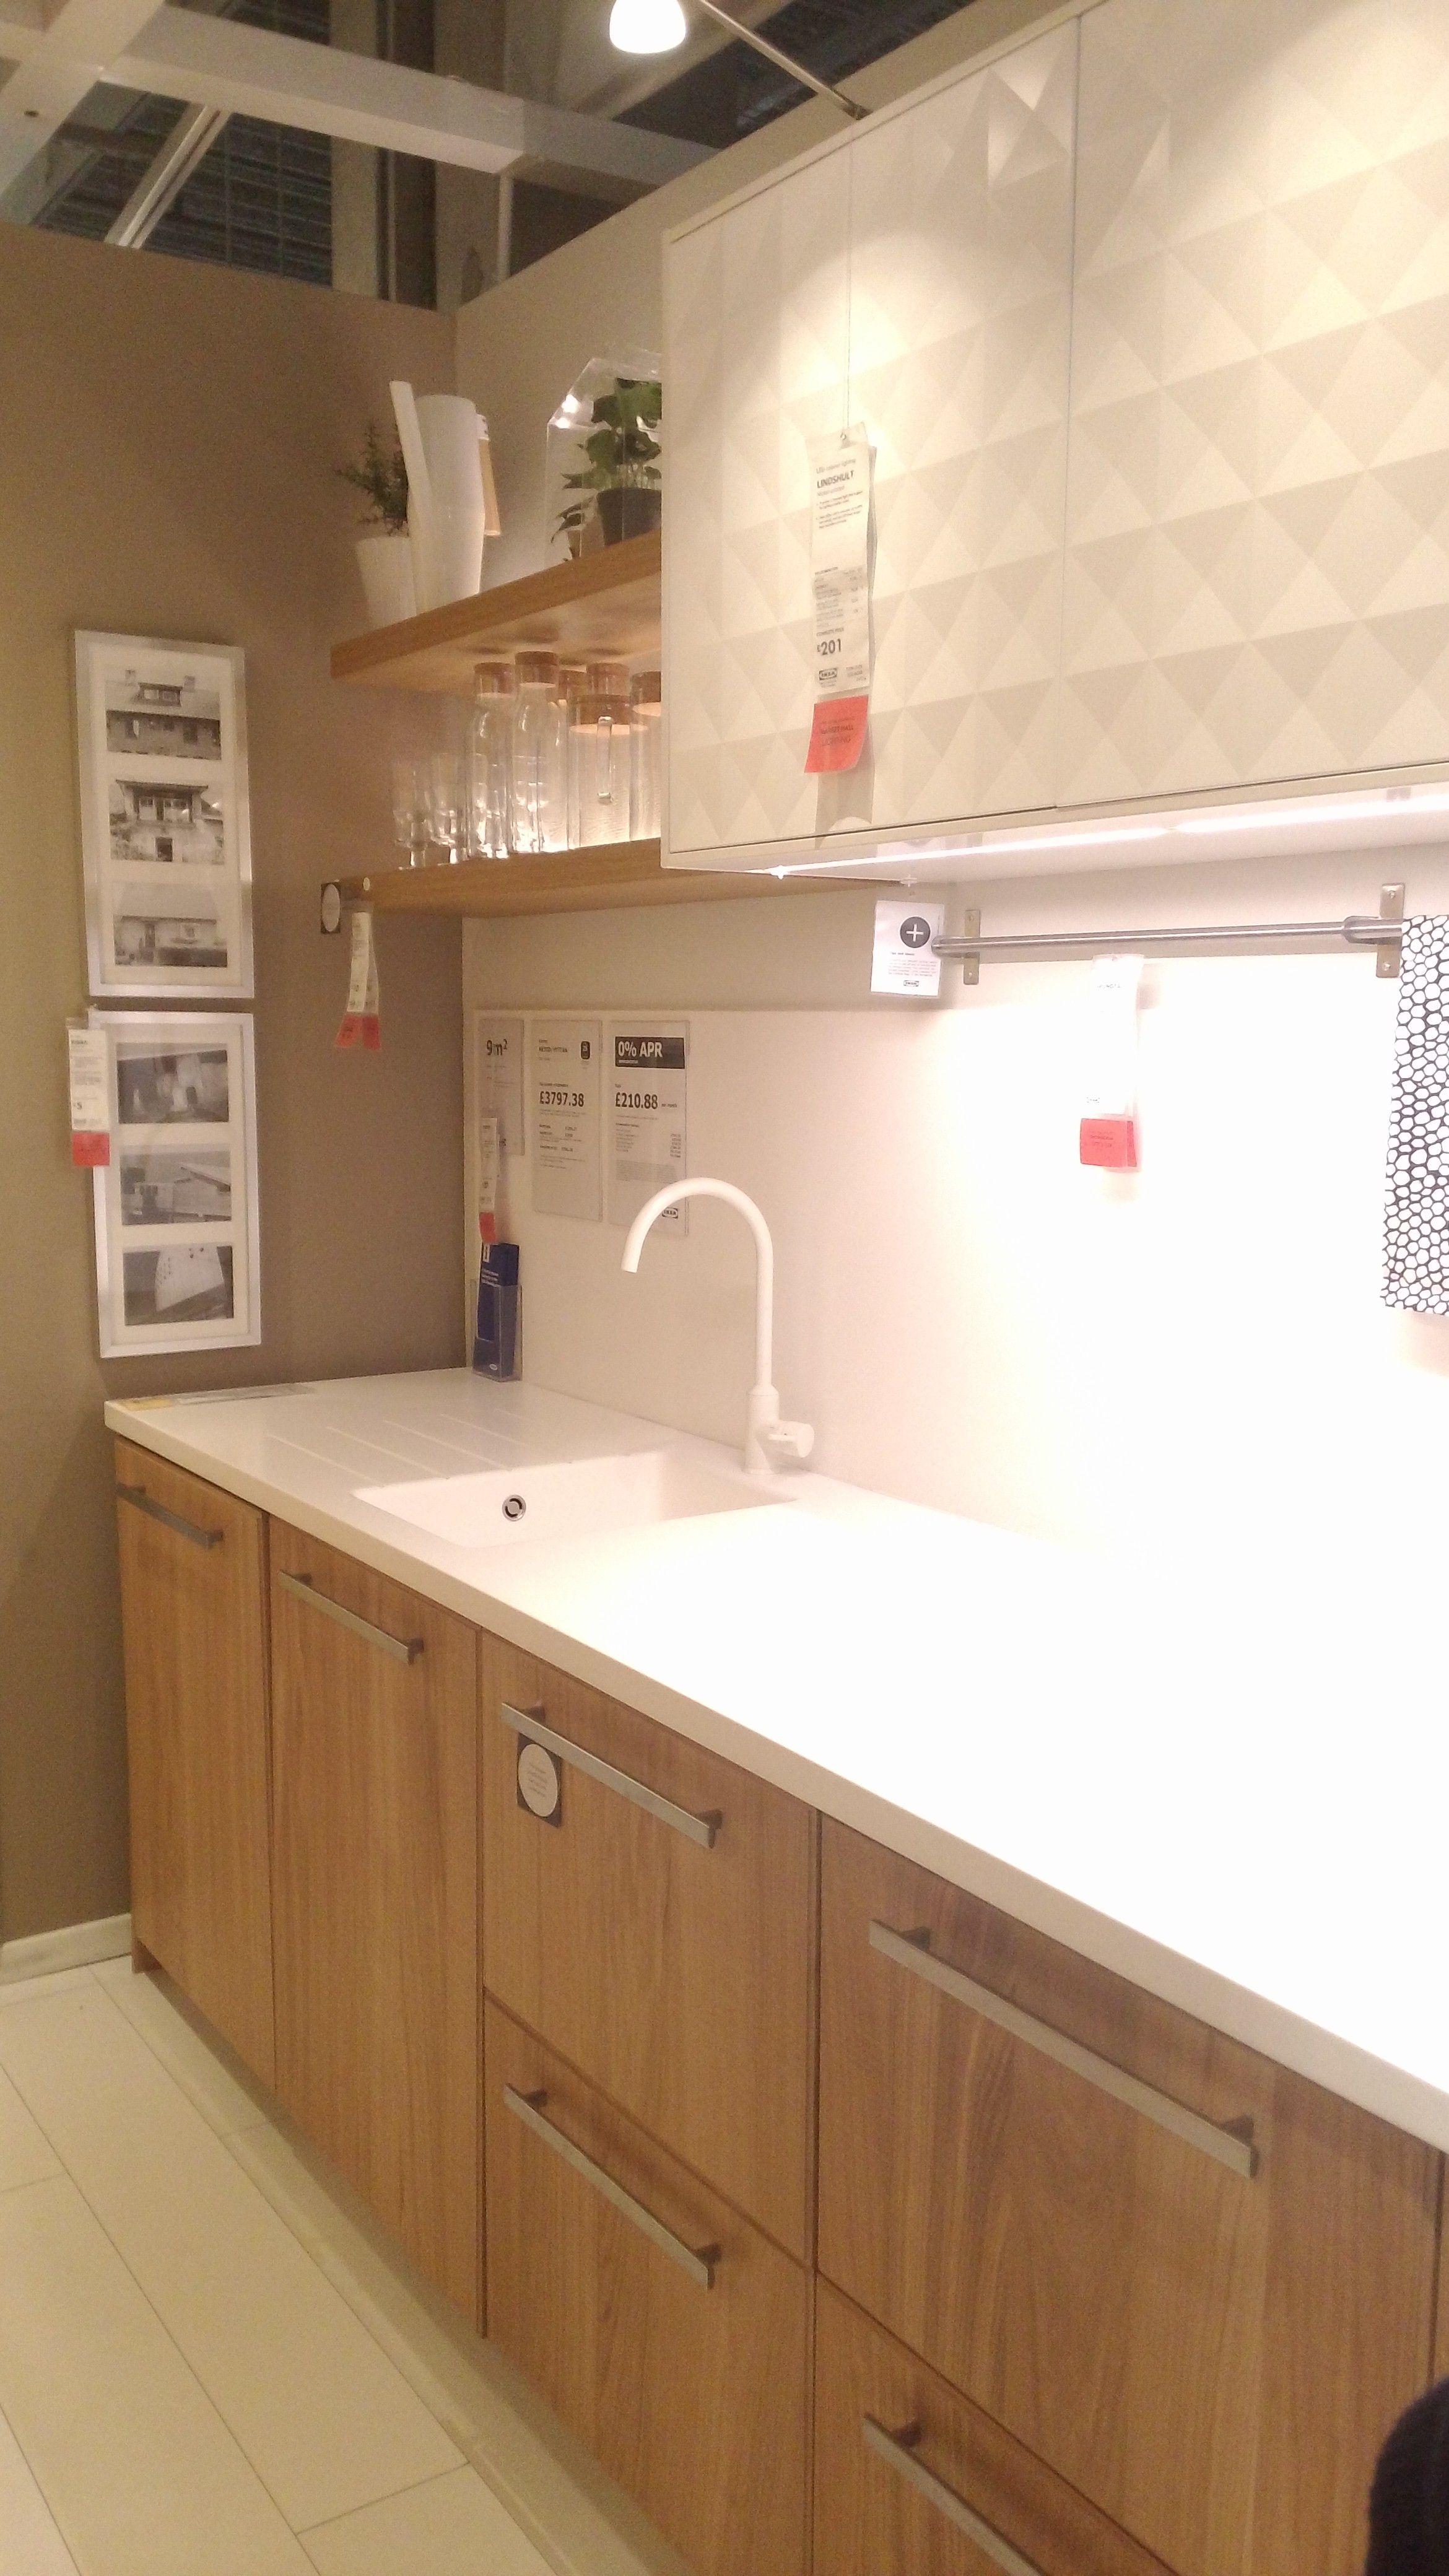 HERRESTAD & HYTTAN IKEA kitchen keuken Pinterest